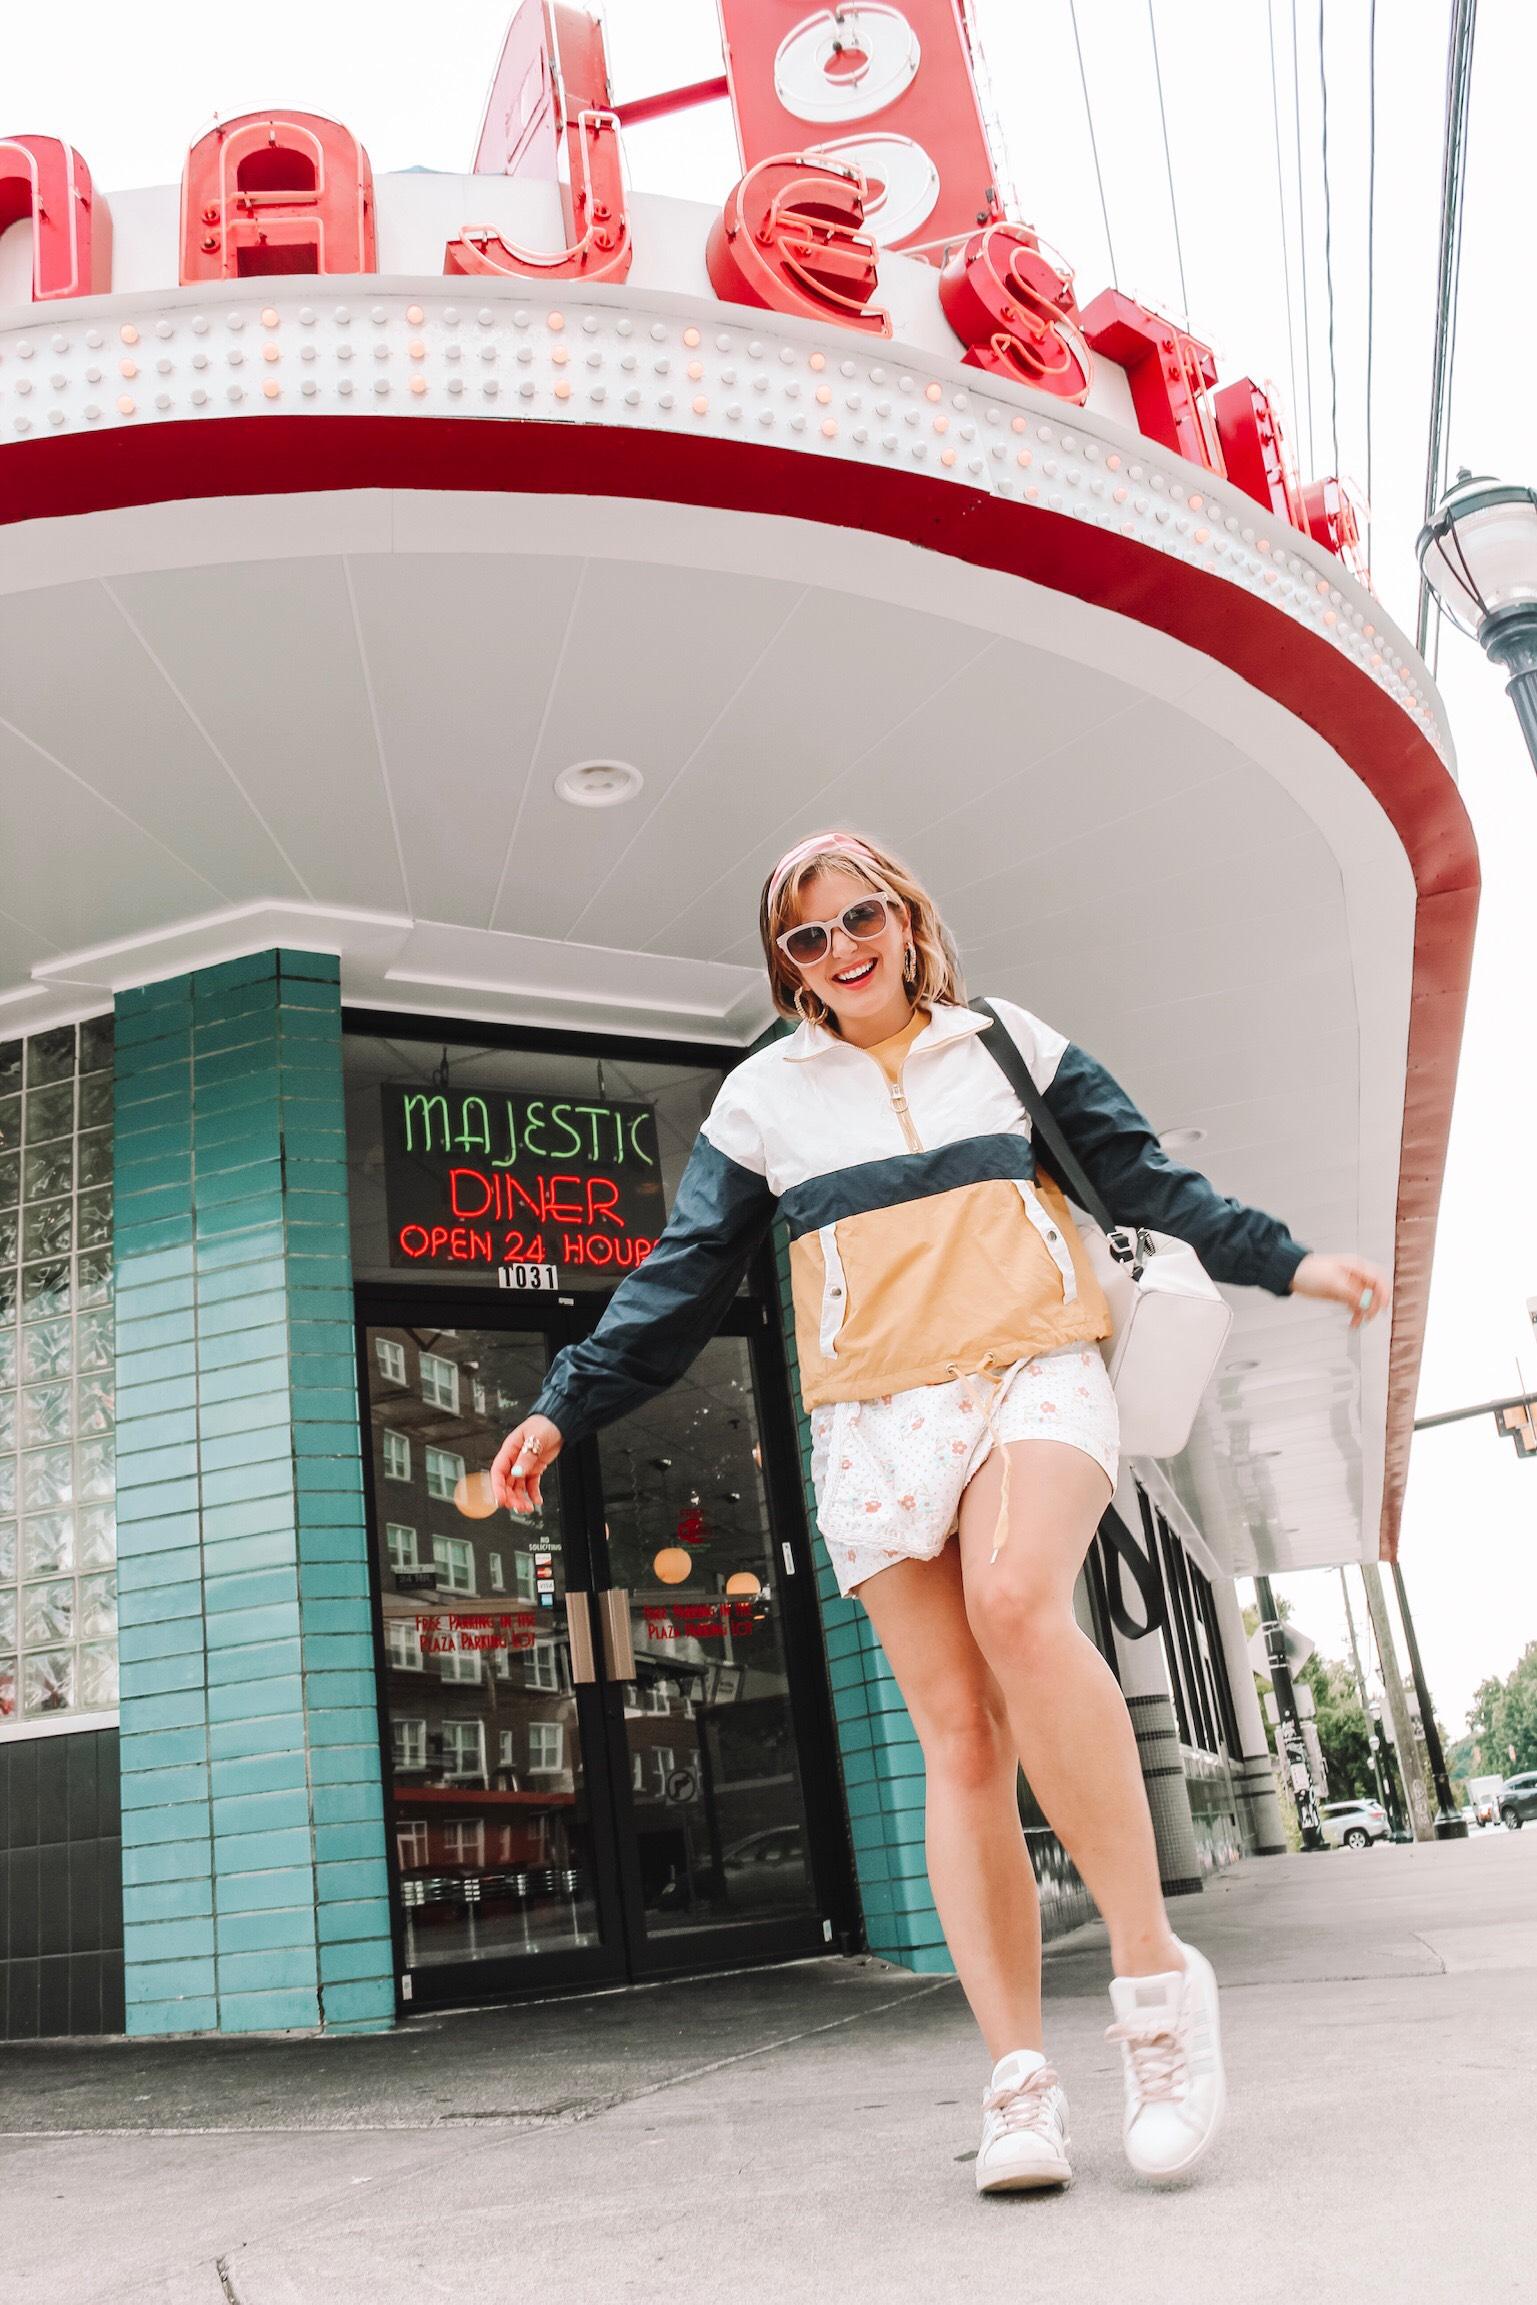 TV and Film Actress Katie Carpenter